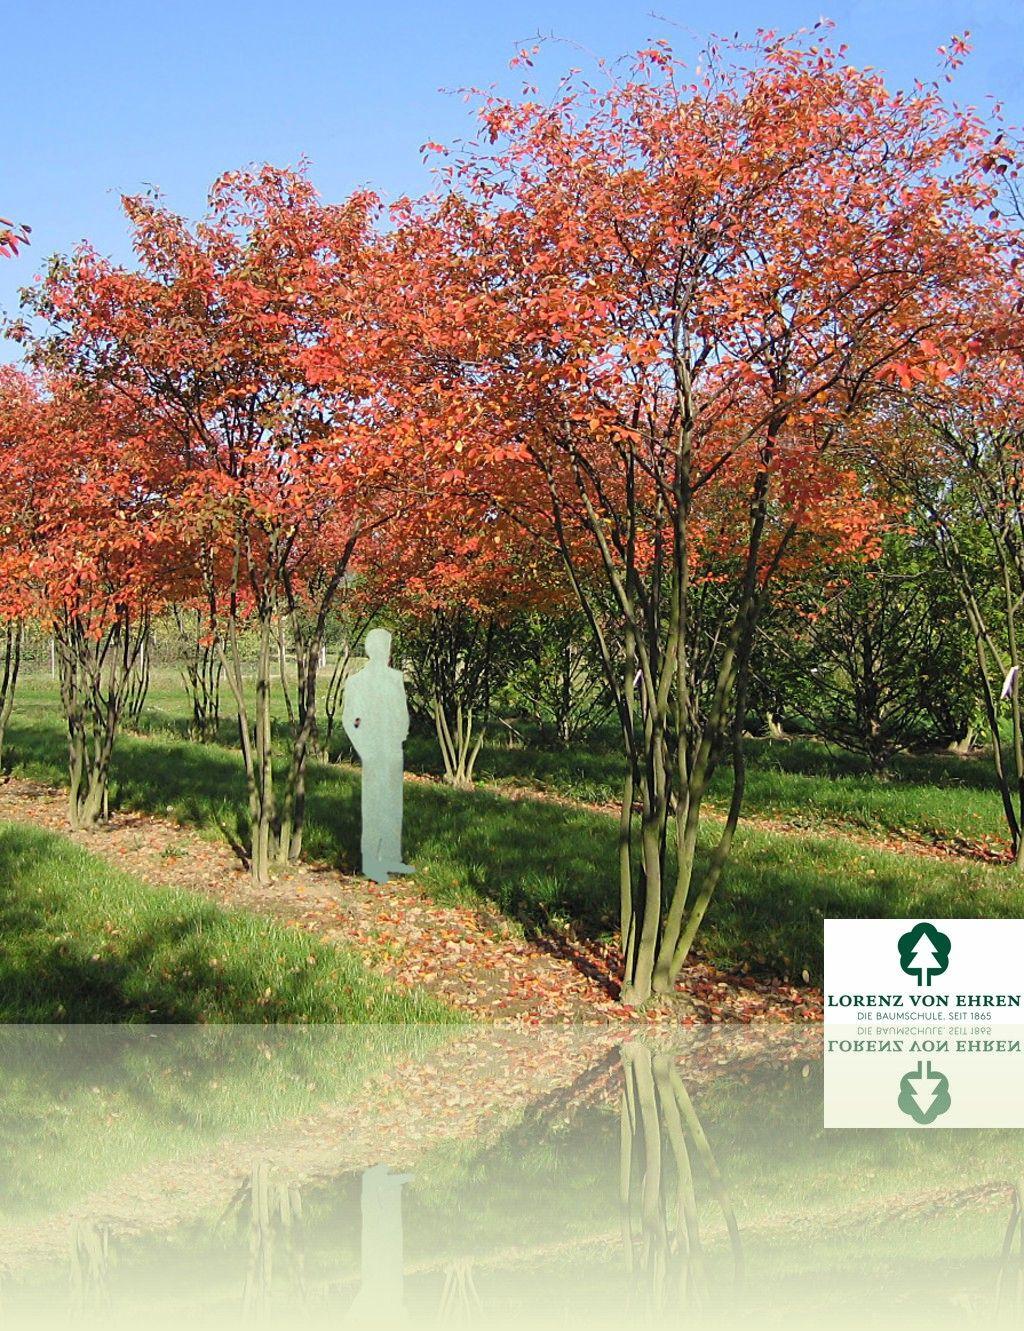 Amelanchier Lamarckii | Baumschule Lorenz Von Ehren   Baumschulen Seit 1865    Wir Lieben Bäume